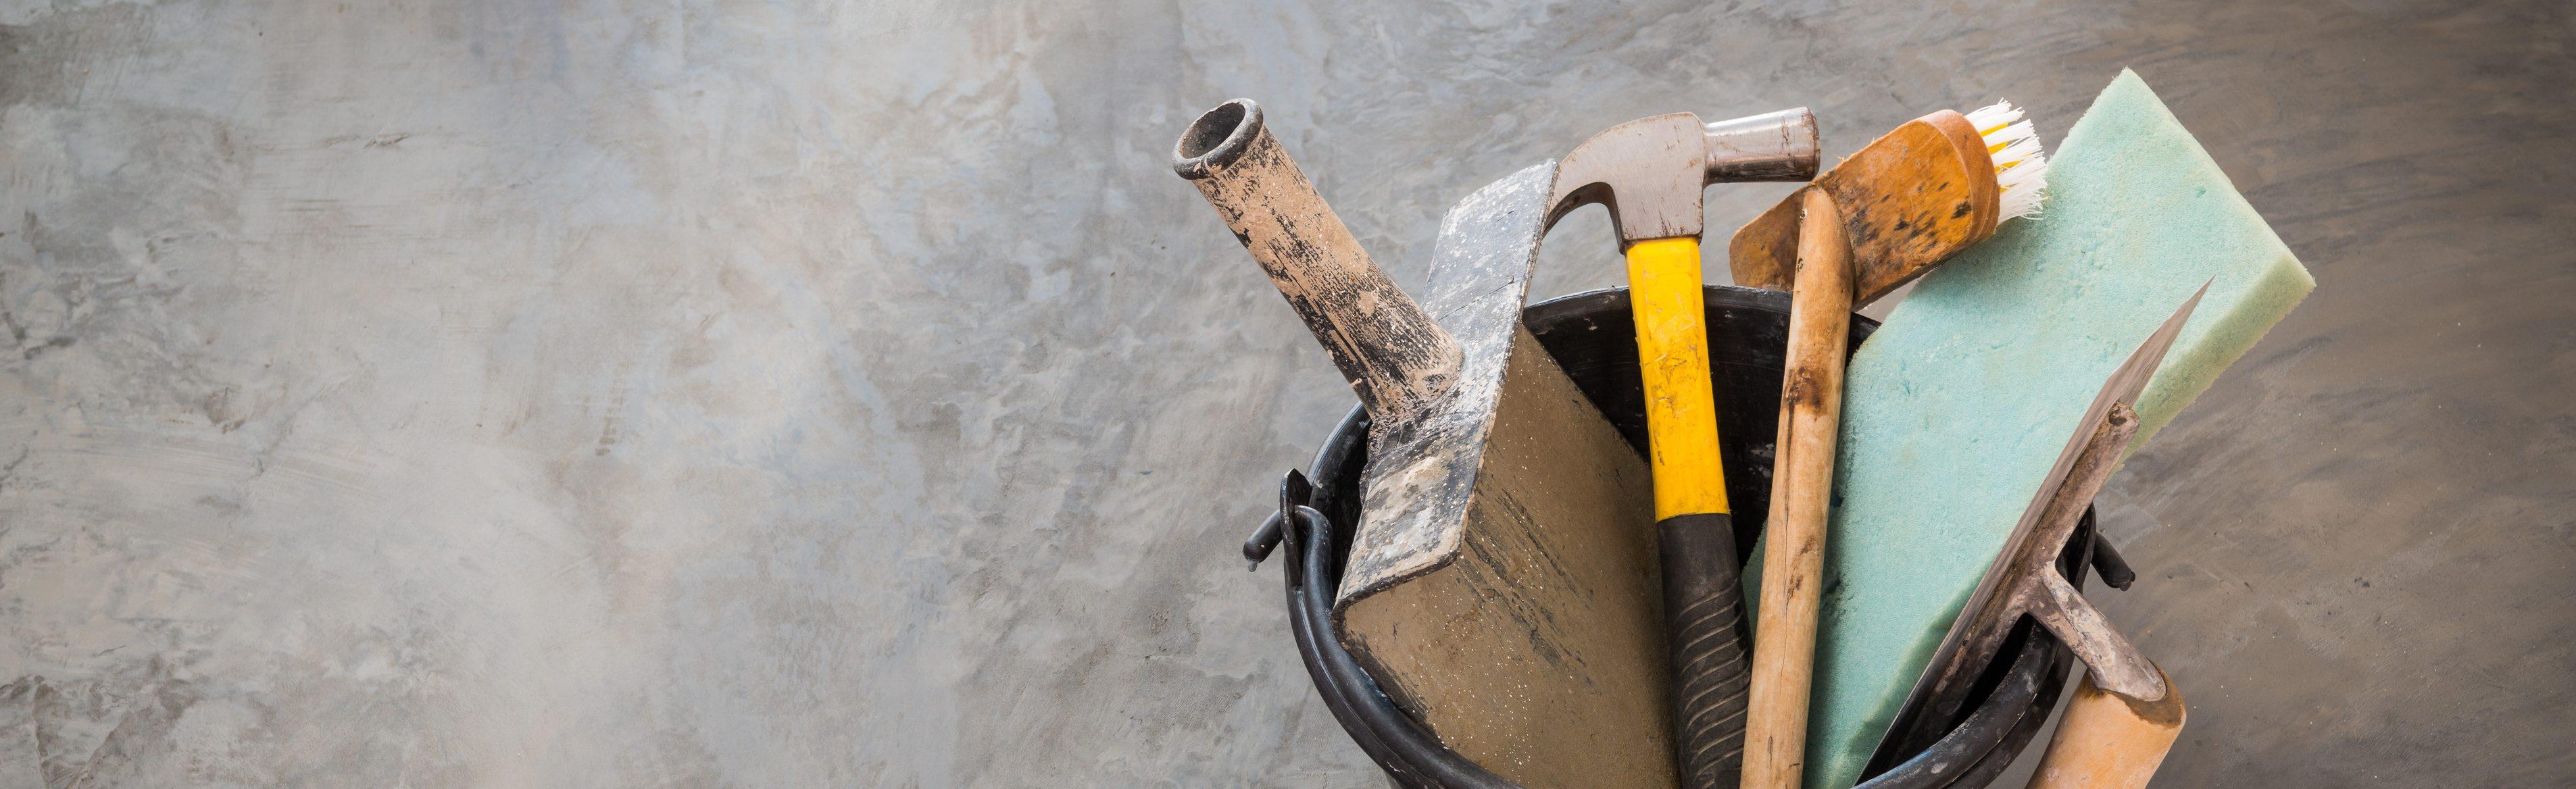 Comment Nettoyer Le Beton Ciré nettoyer une dalle béton – tout sur le béton